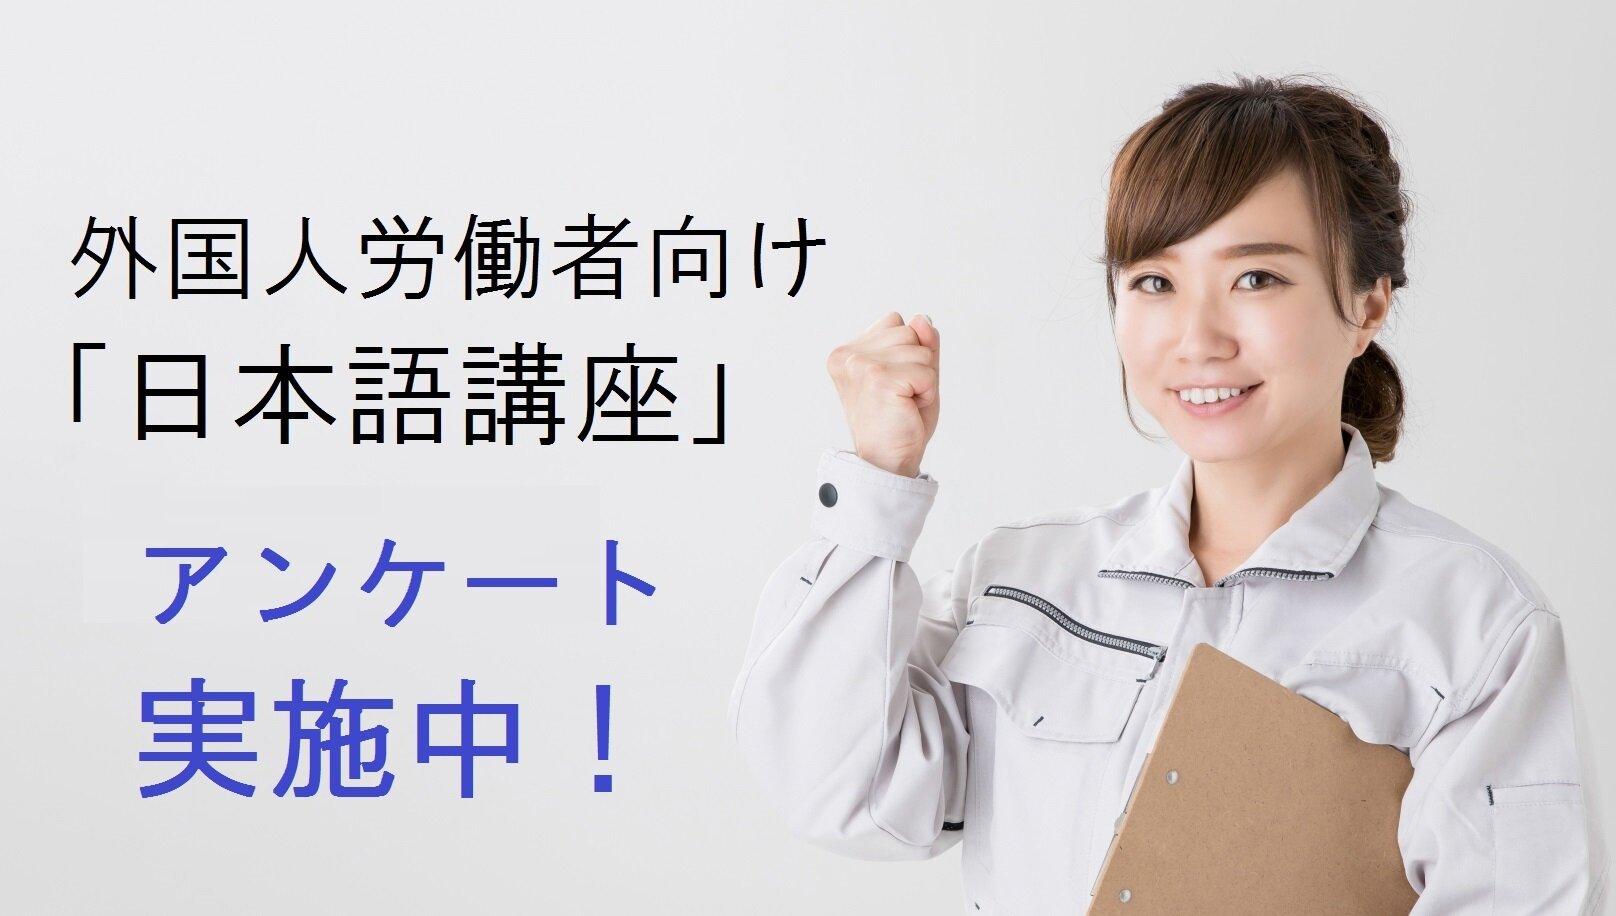 外国人向け 日本語講座 横須賀商工会議所 日本語コミュニケーション講座